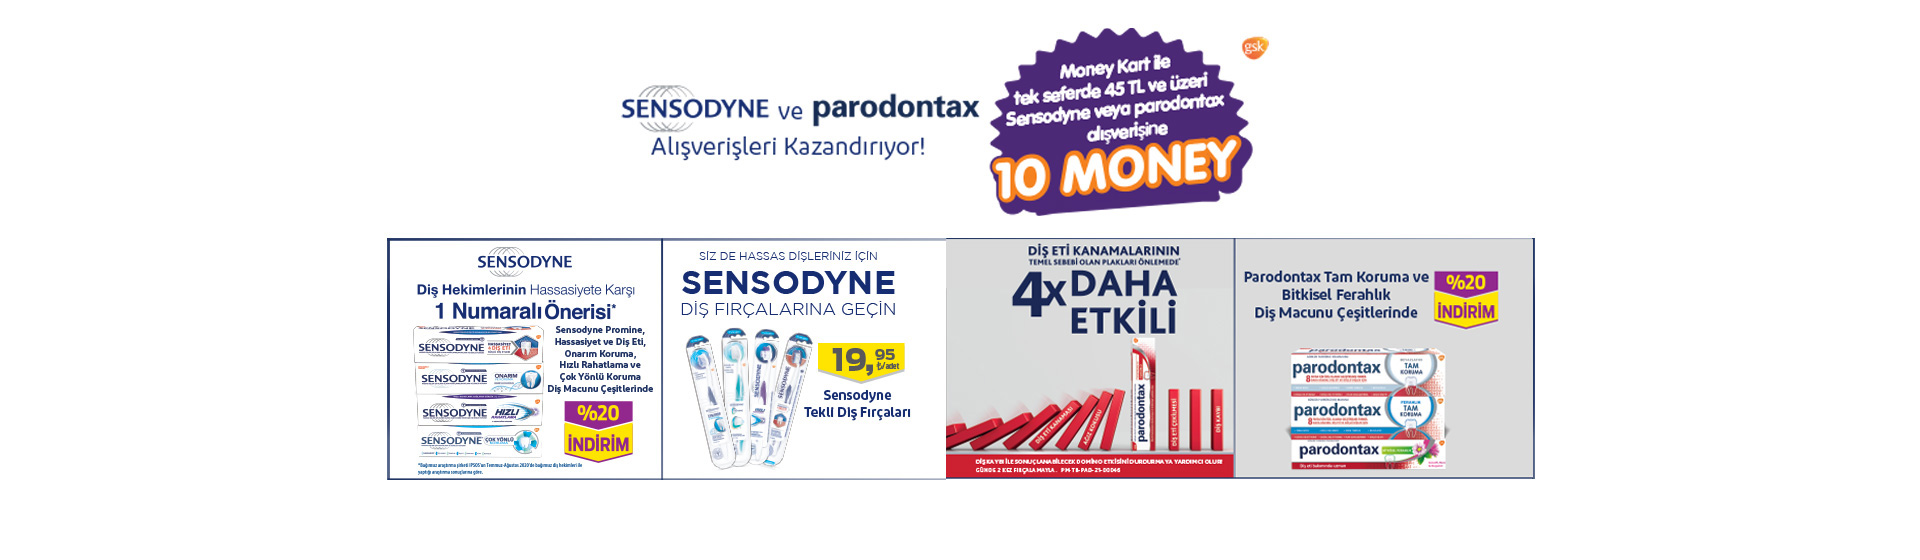 Sensodyne Money Kampanyası